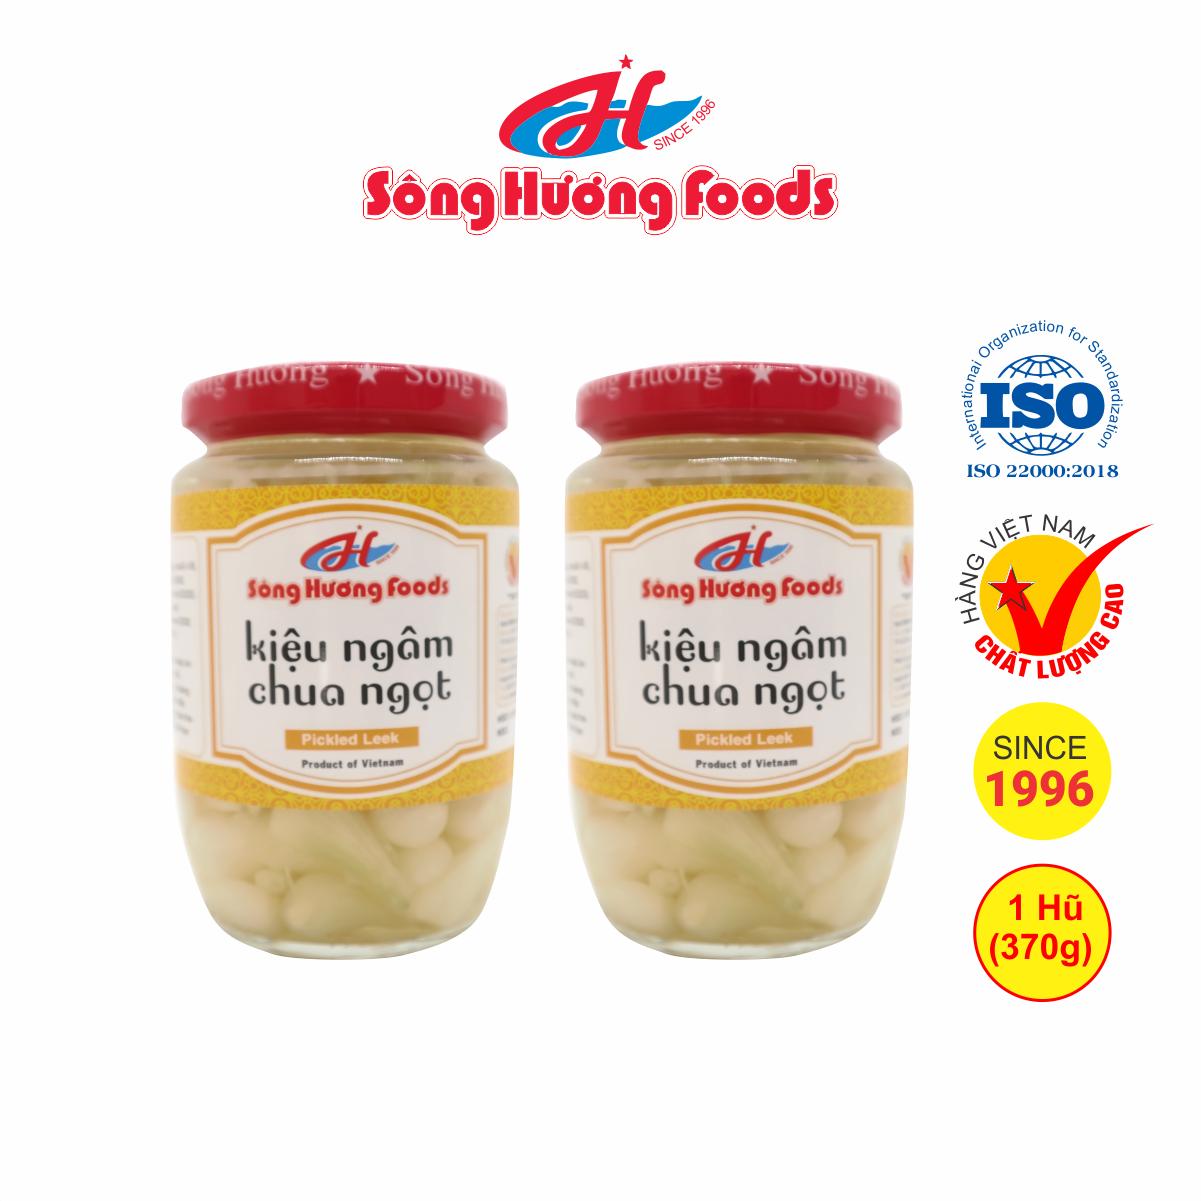 2 Hũ củ kiệu ngâm chua ngọt Sông Hương Foods hũ 370g